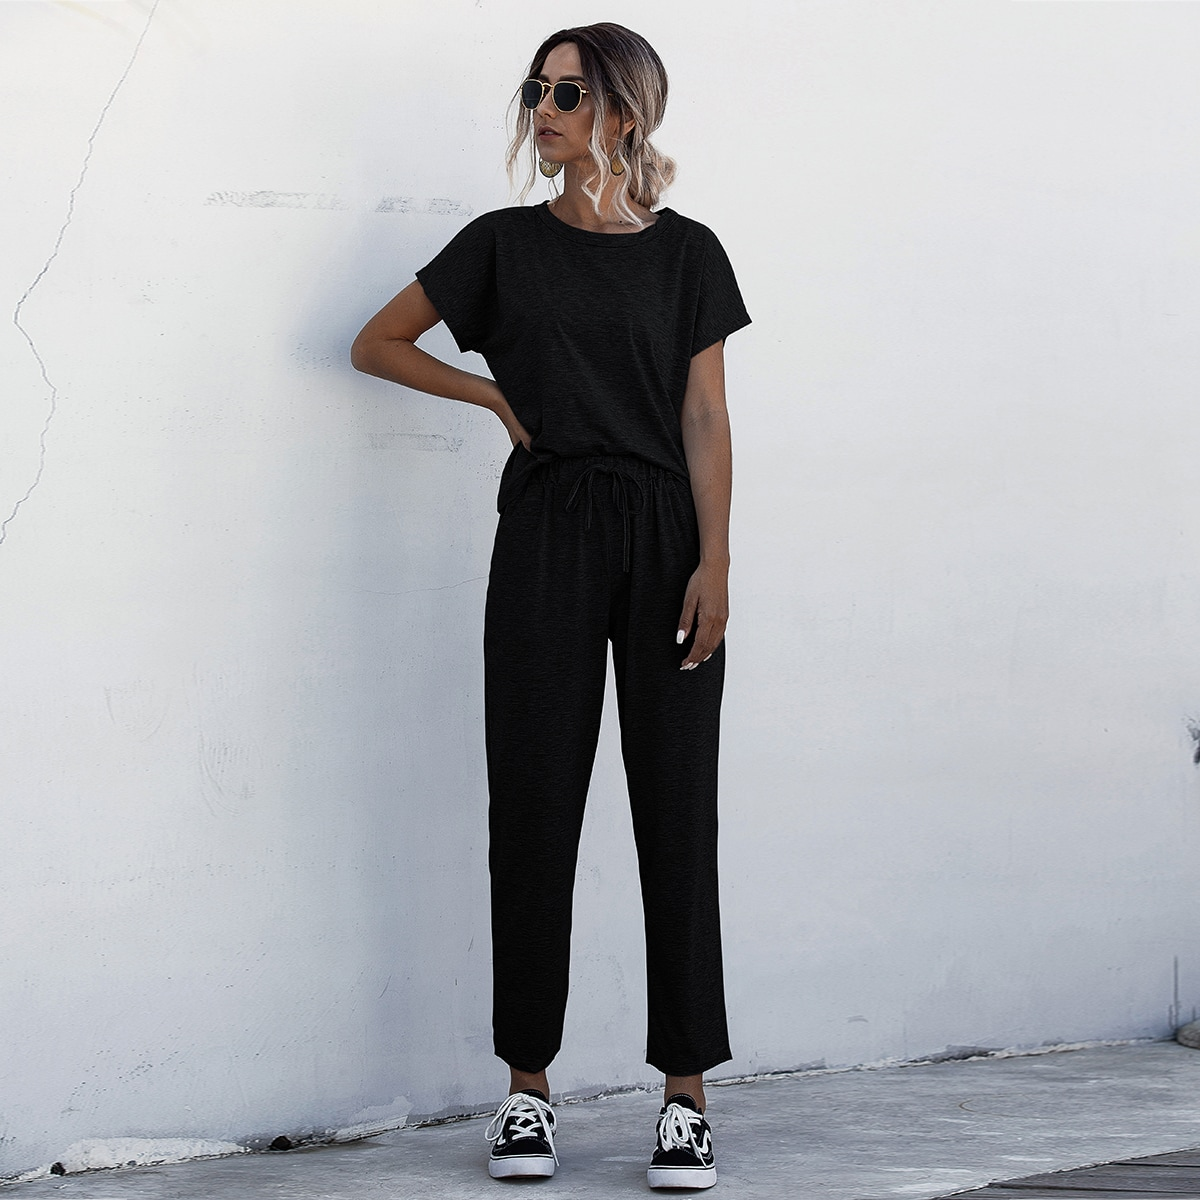 Camiseta de manga murciélago con pantalones de cintura con cordón